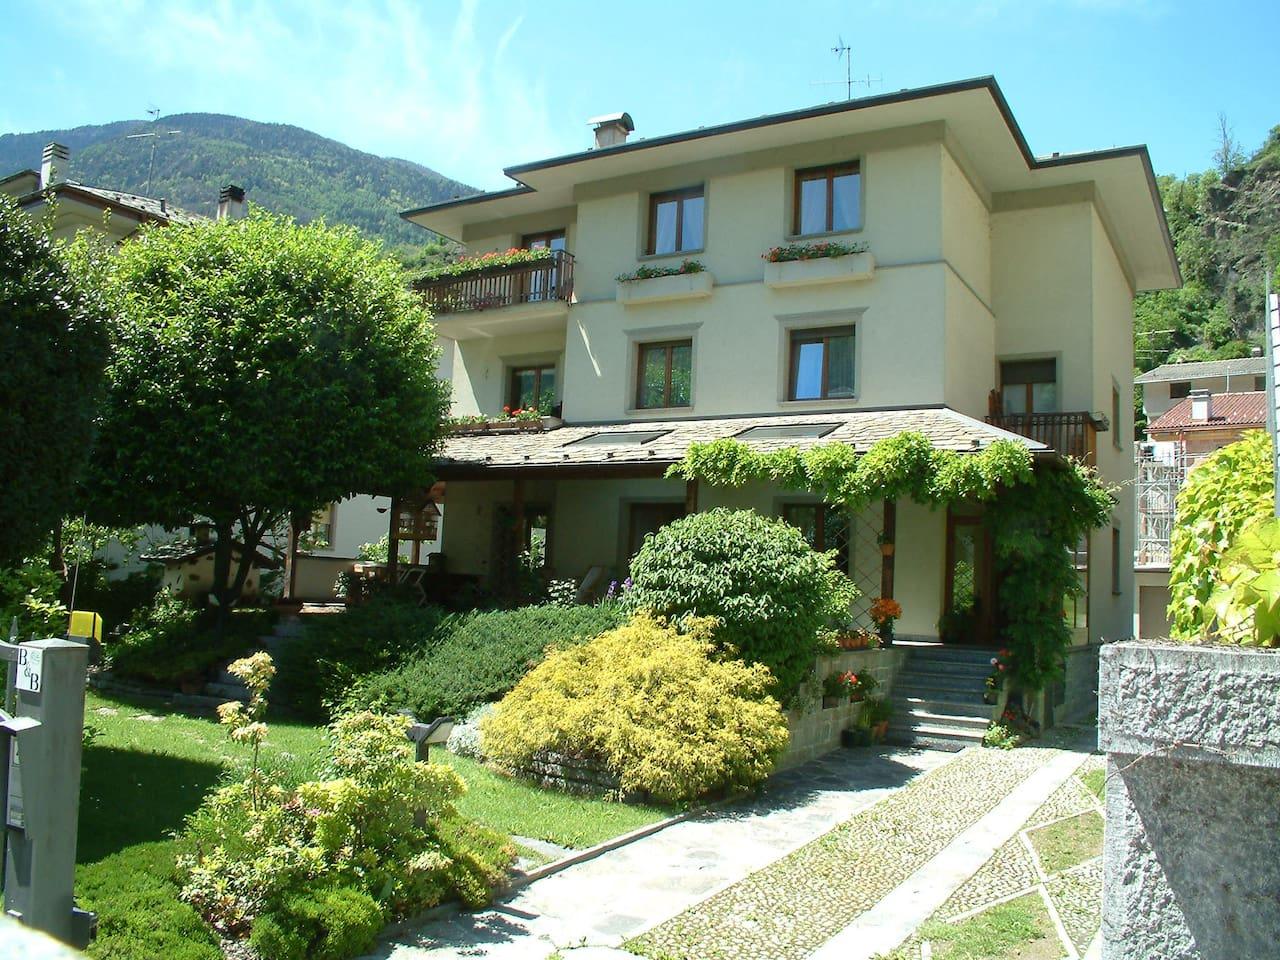 b&b Villa Verde in Valtellina.  Camere con bagno privato. Ampio giardino con portico  per la colazione in estate.